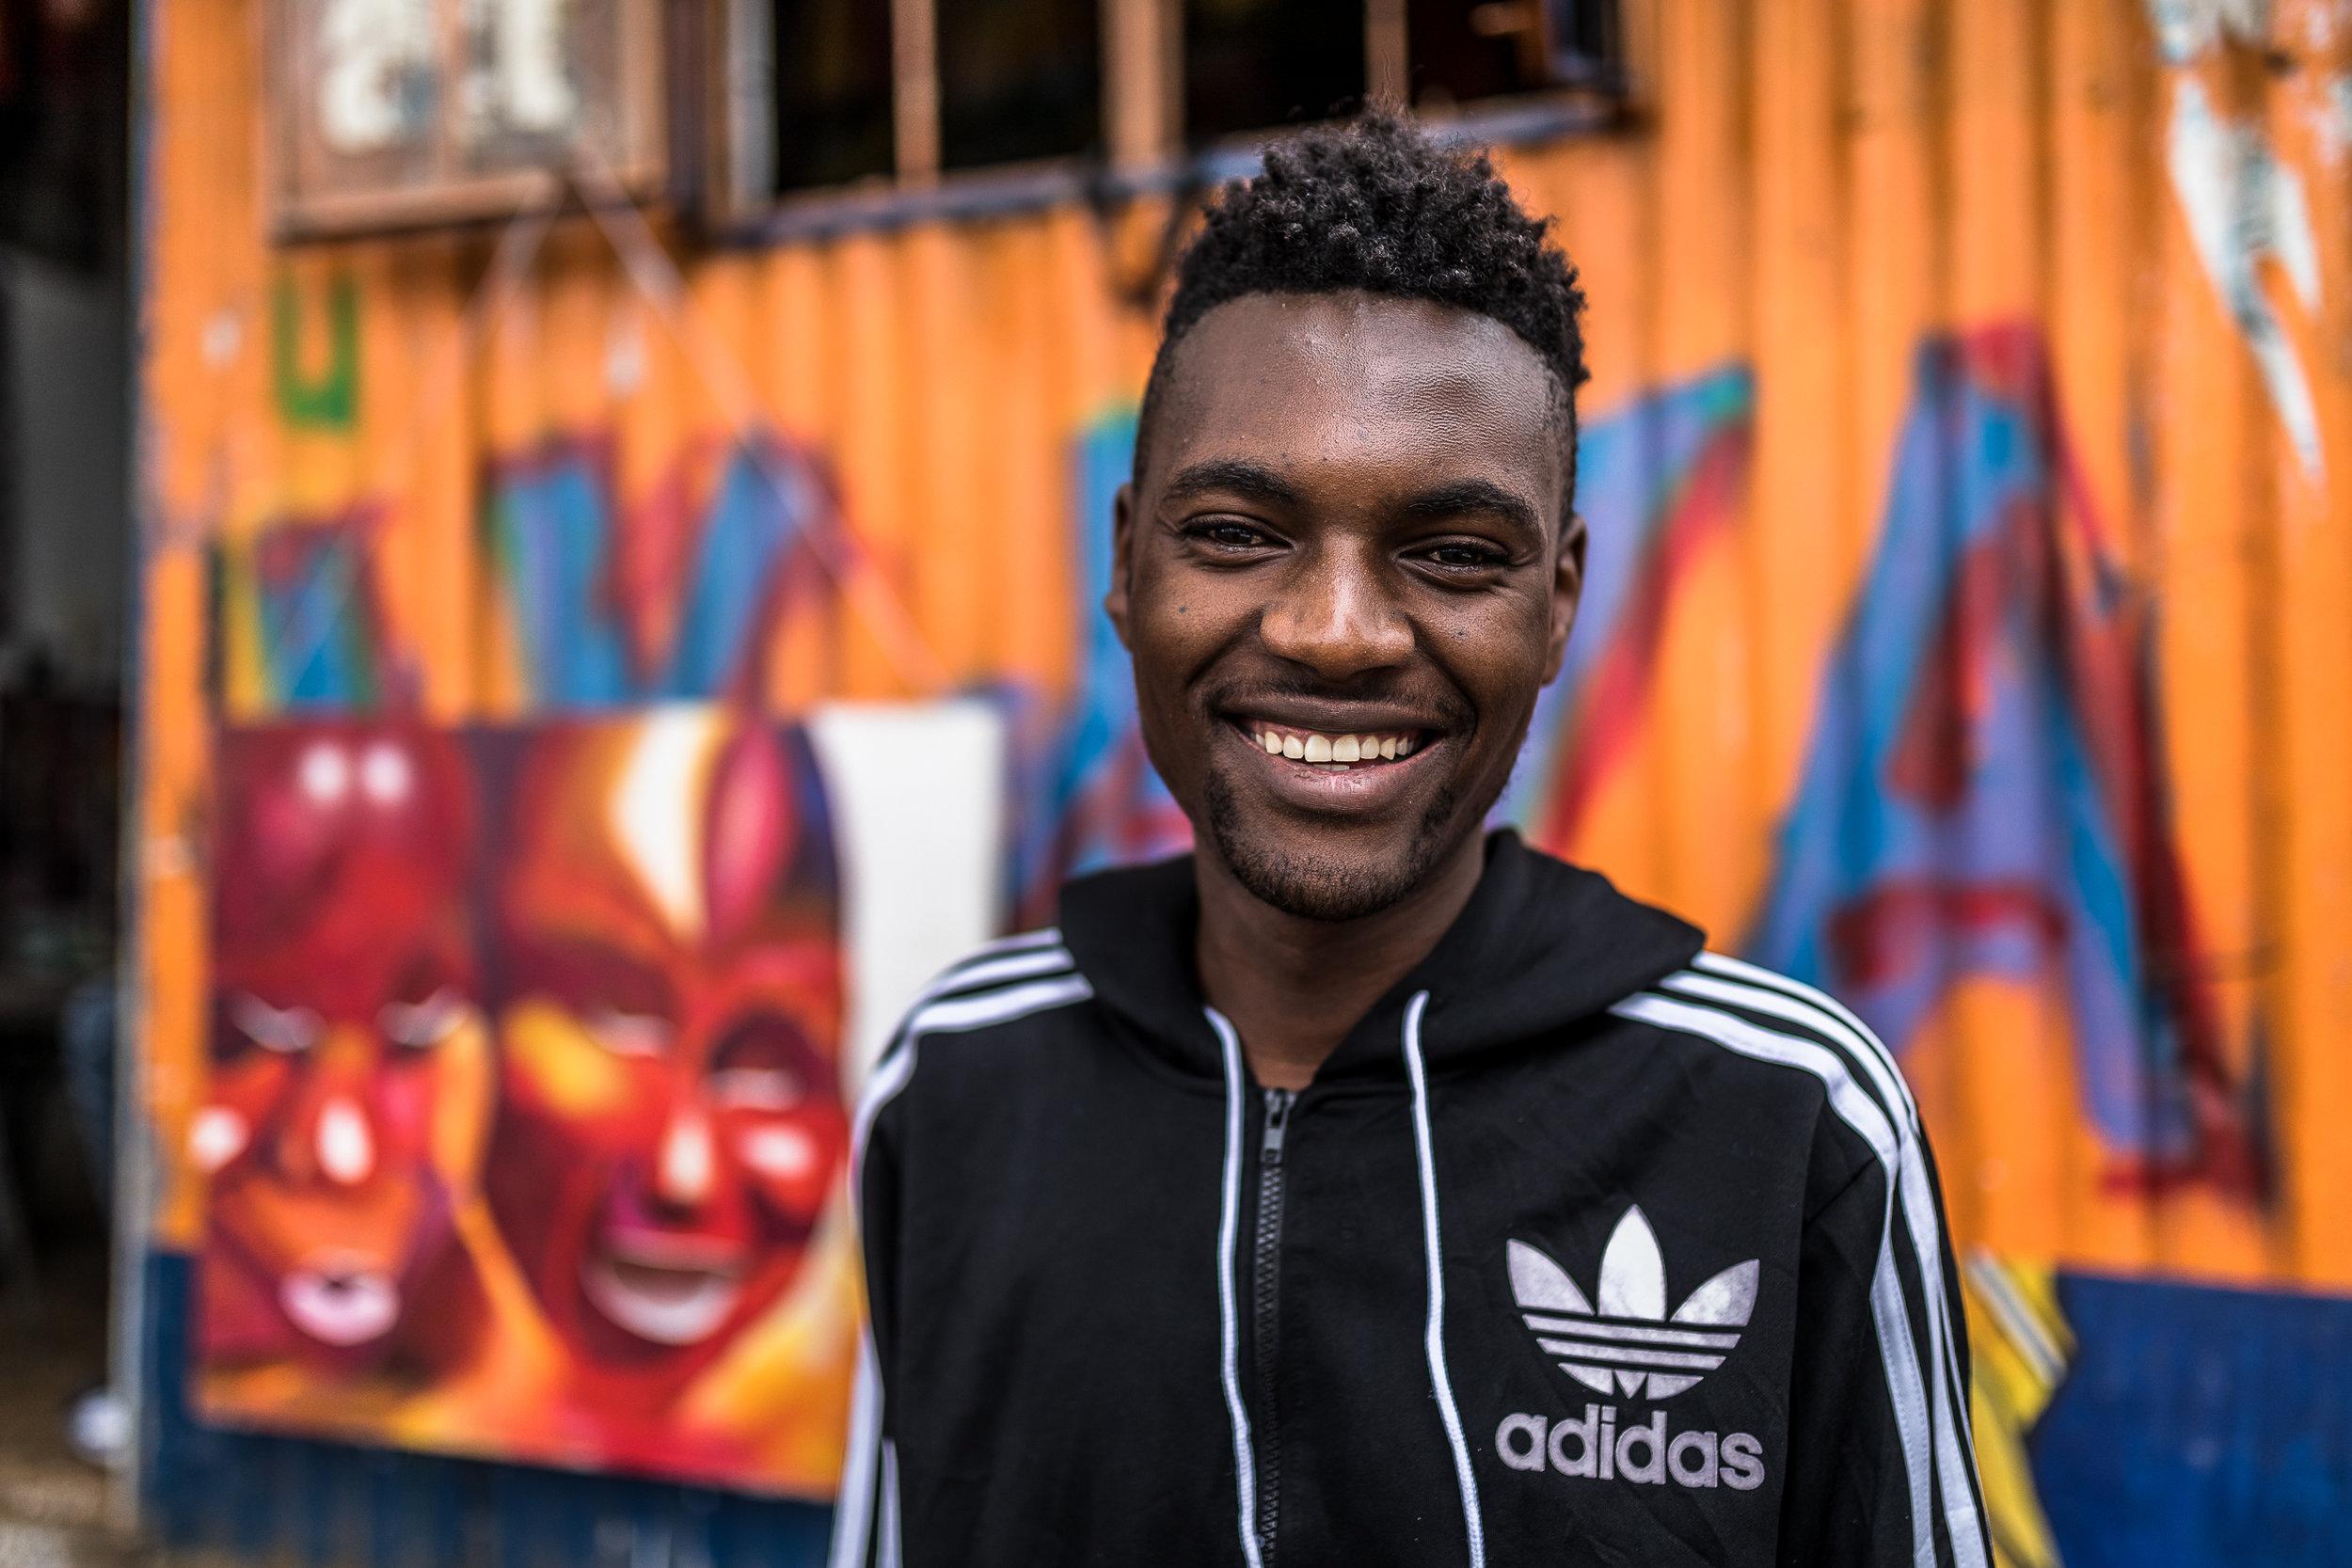 Syimon Kibe -